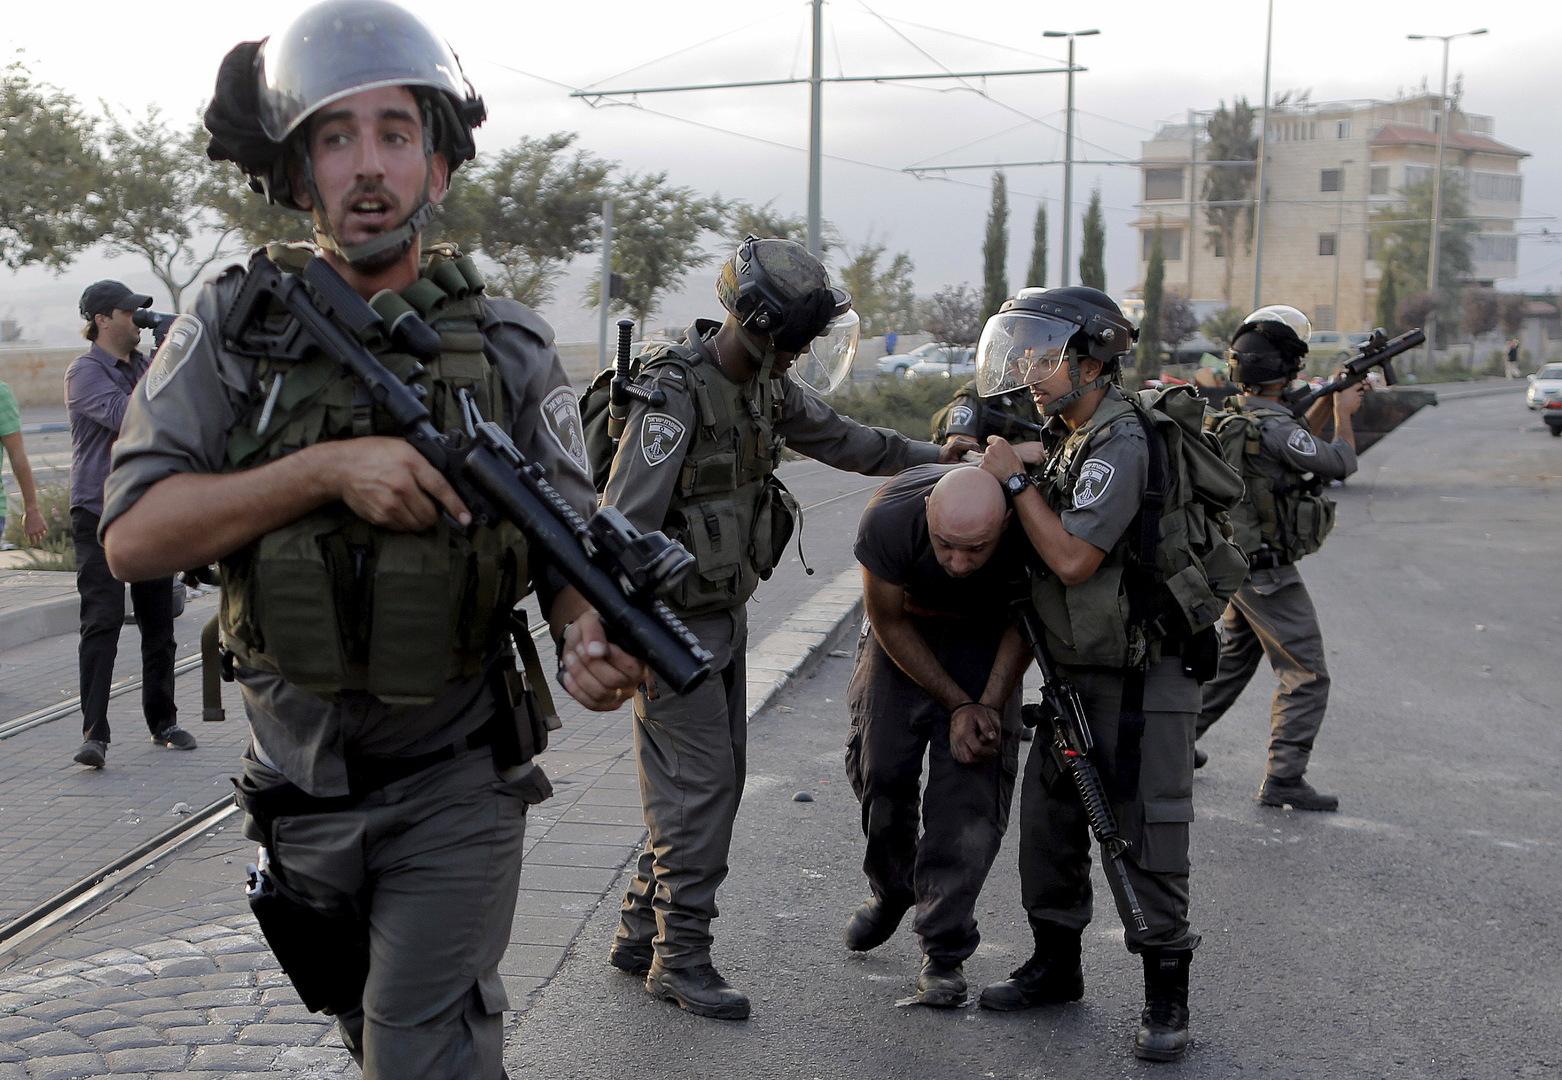 جنود إسرائيليون يعتقلون فلسطينيا، صورة تعبيرية من الأرشيف